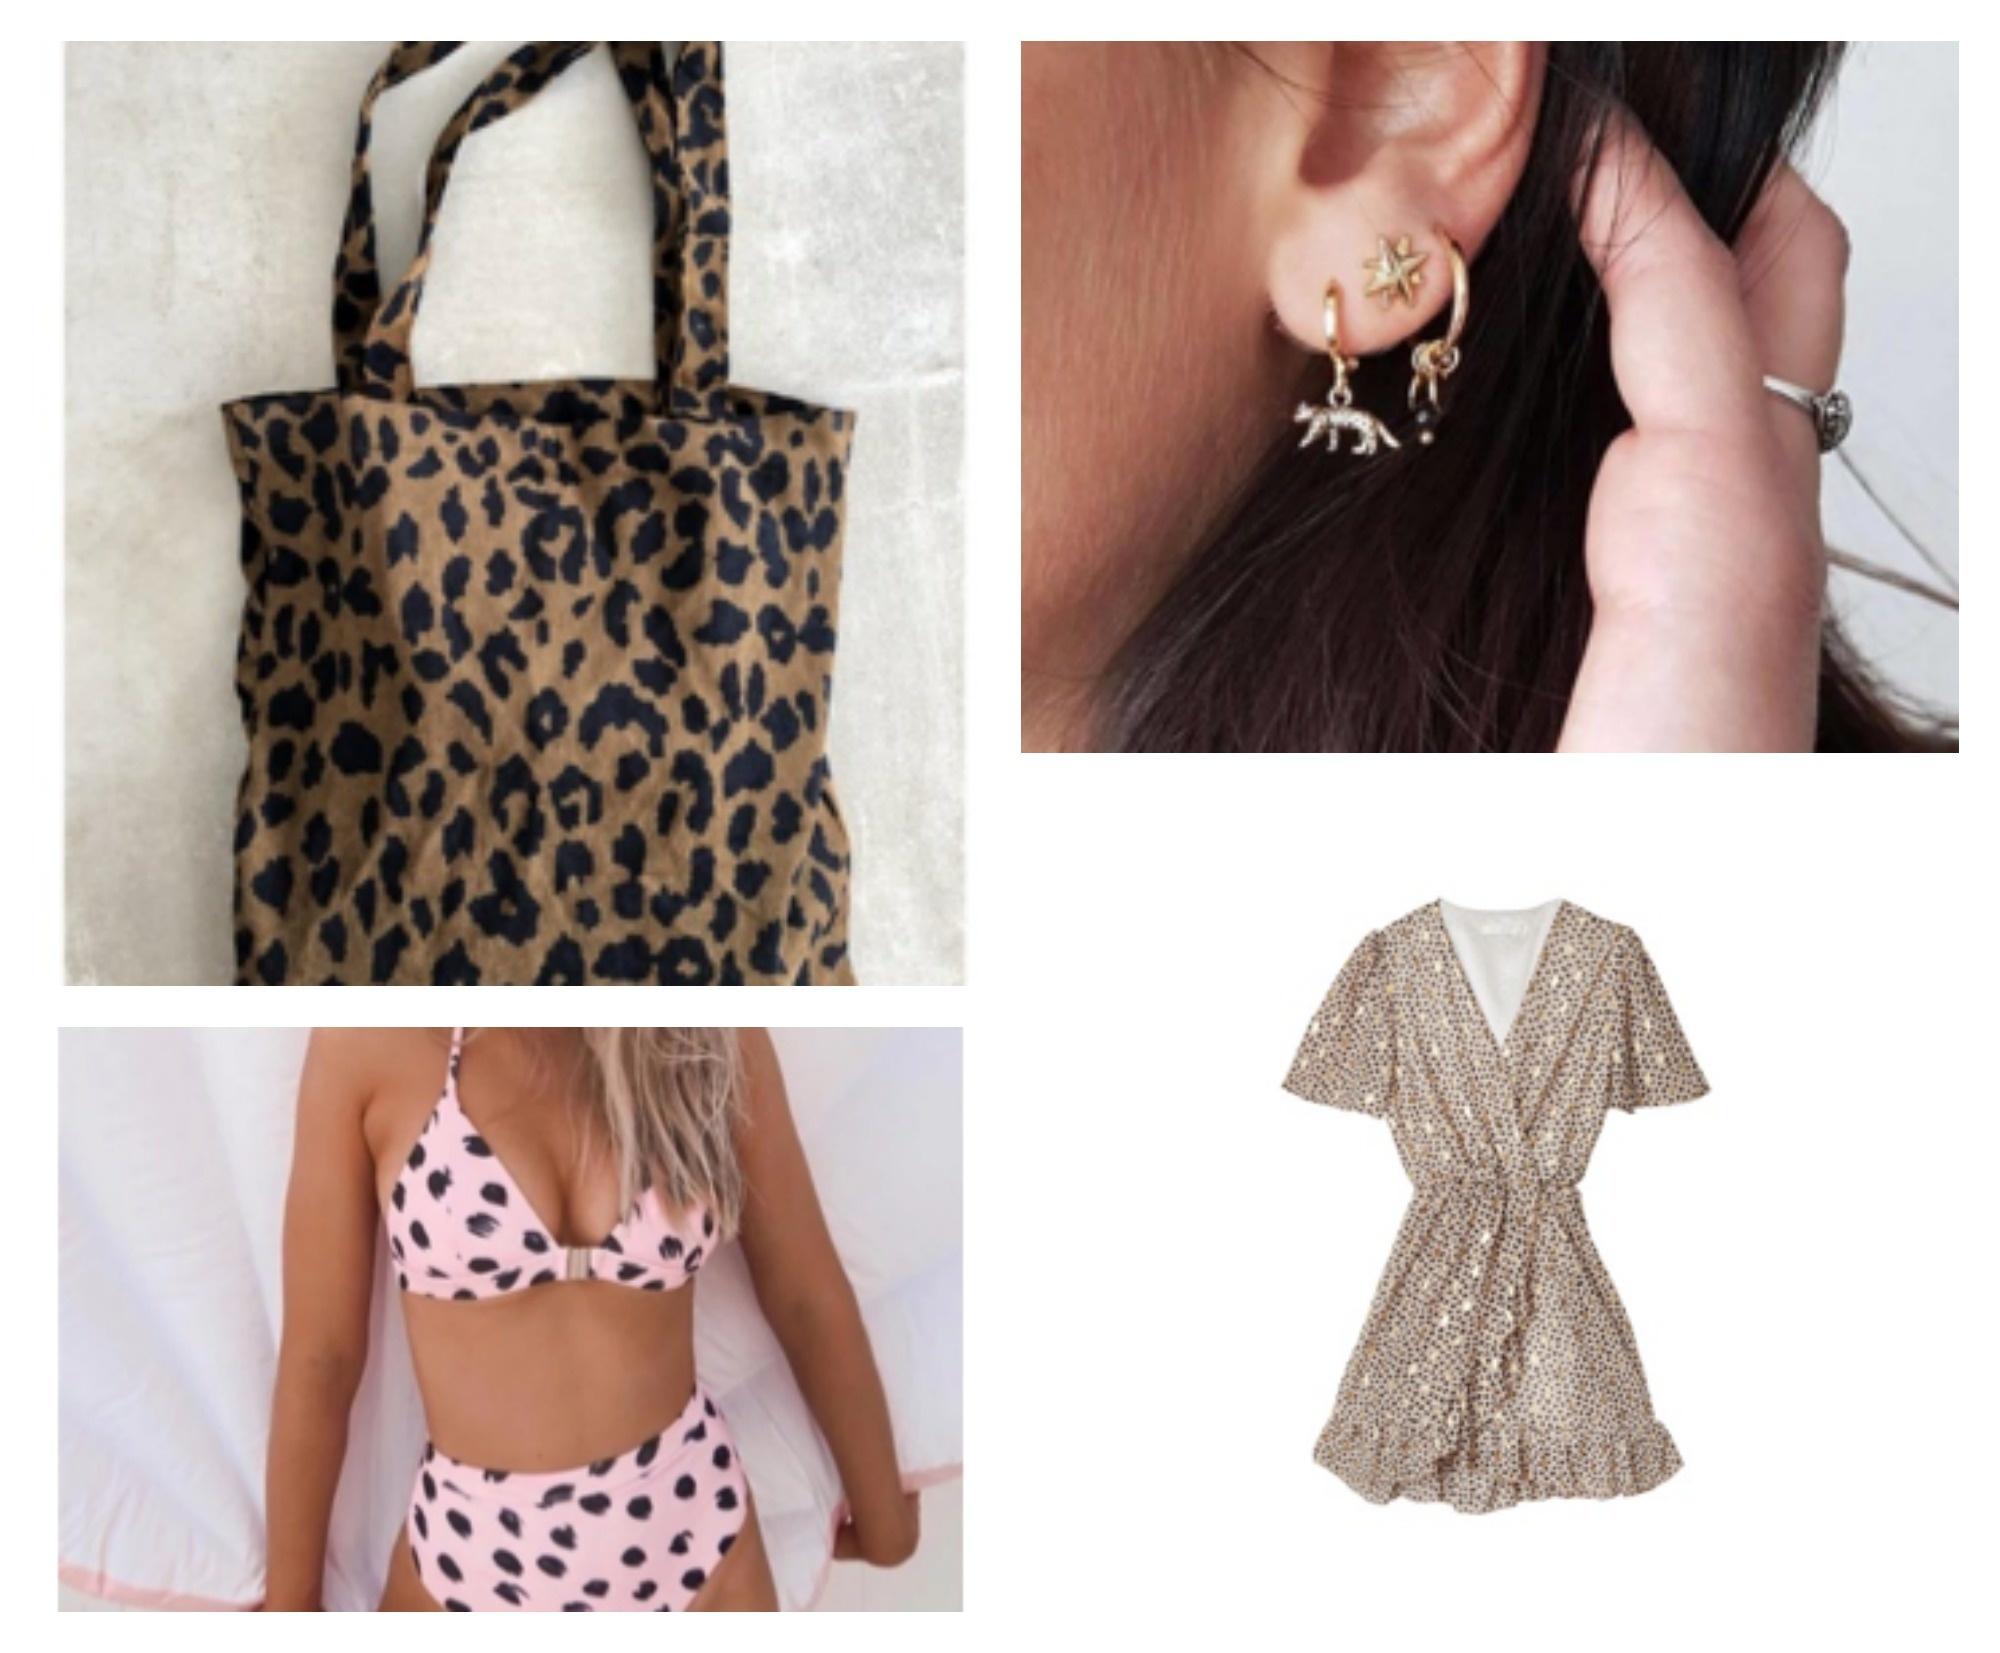 bestsellers zomer 2019 bikinis leopard tas oorbellen jurk